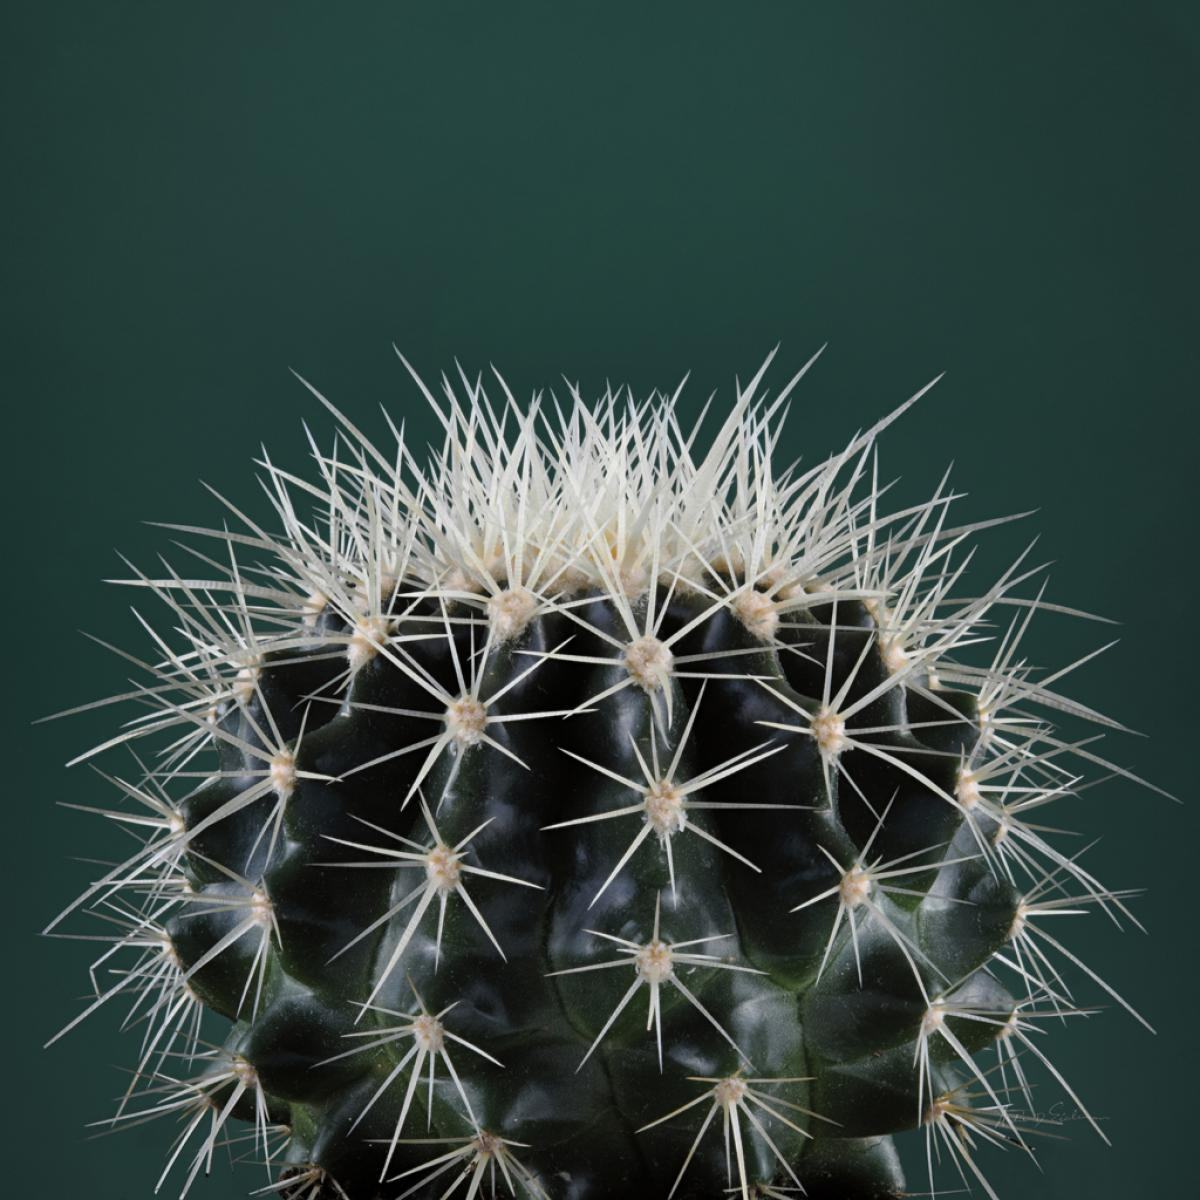 Cacti II